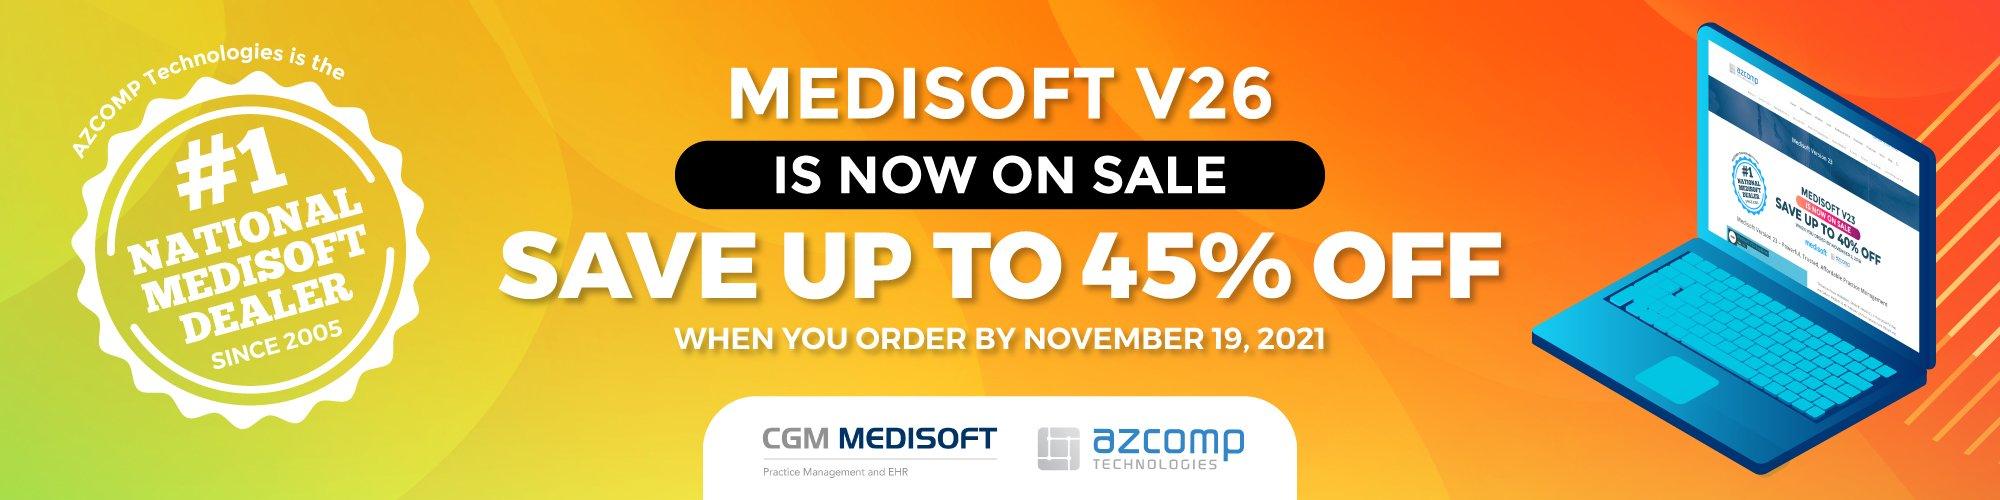 Medisoft v26 sale